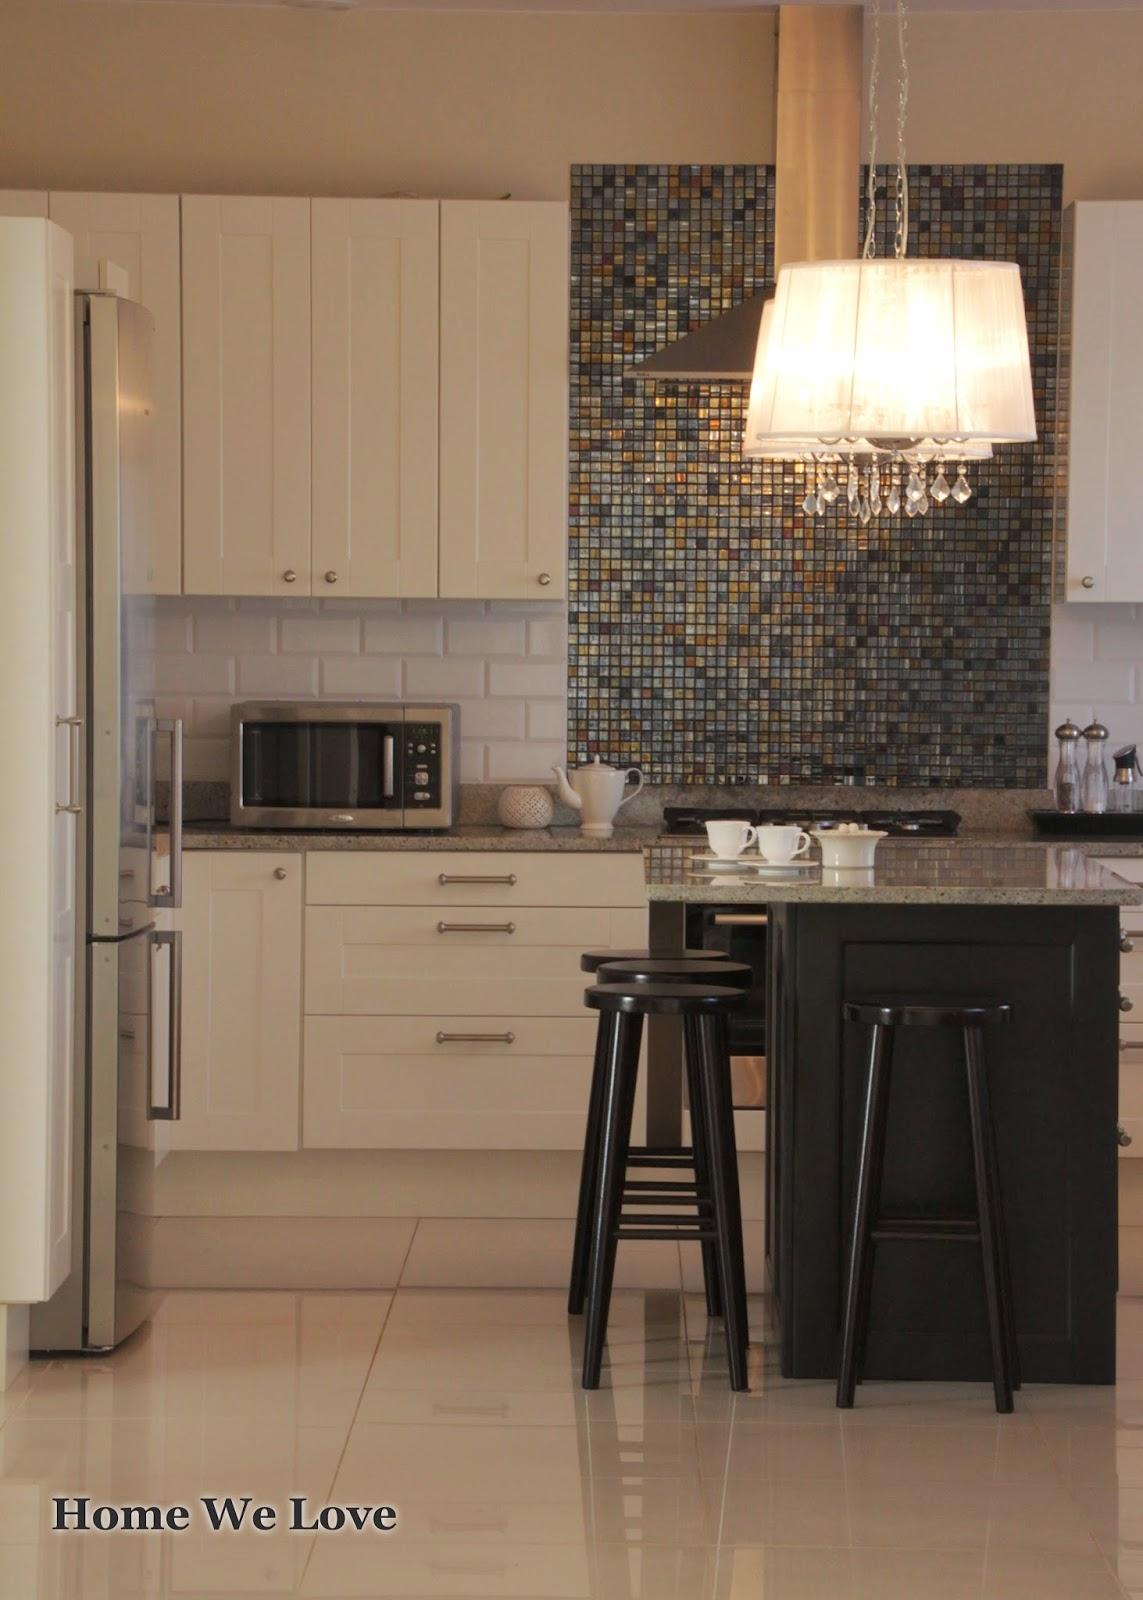 Home We Love Moja Kuchnia IKEA  jak ją urządziliśmy  -> Kuchnia Ikea Adel